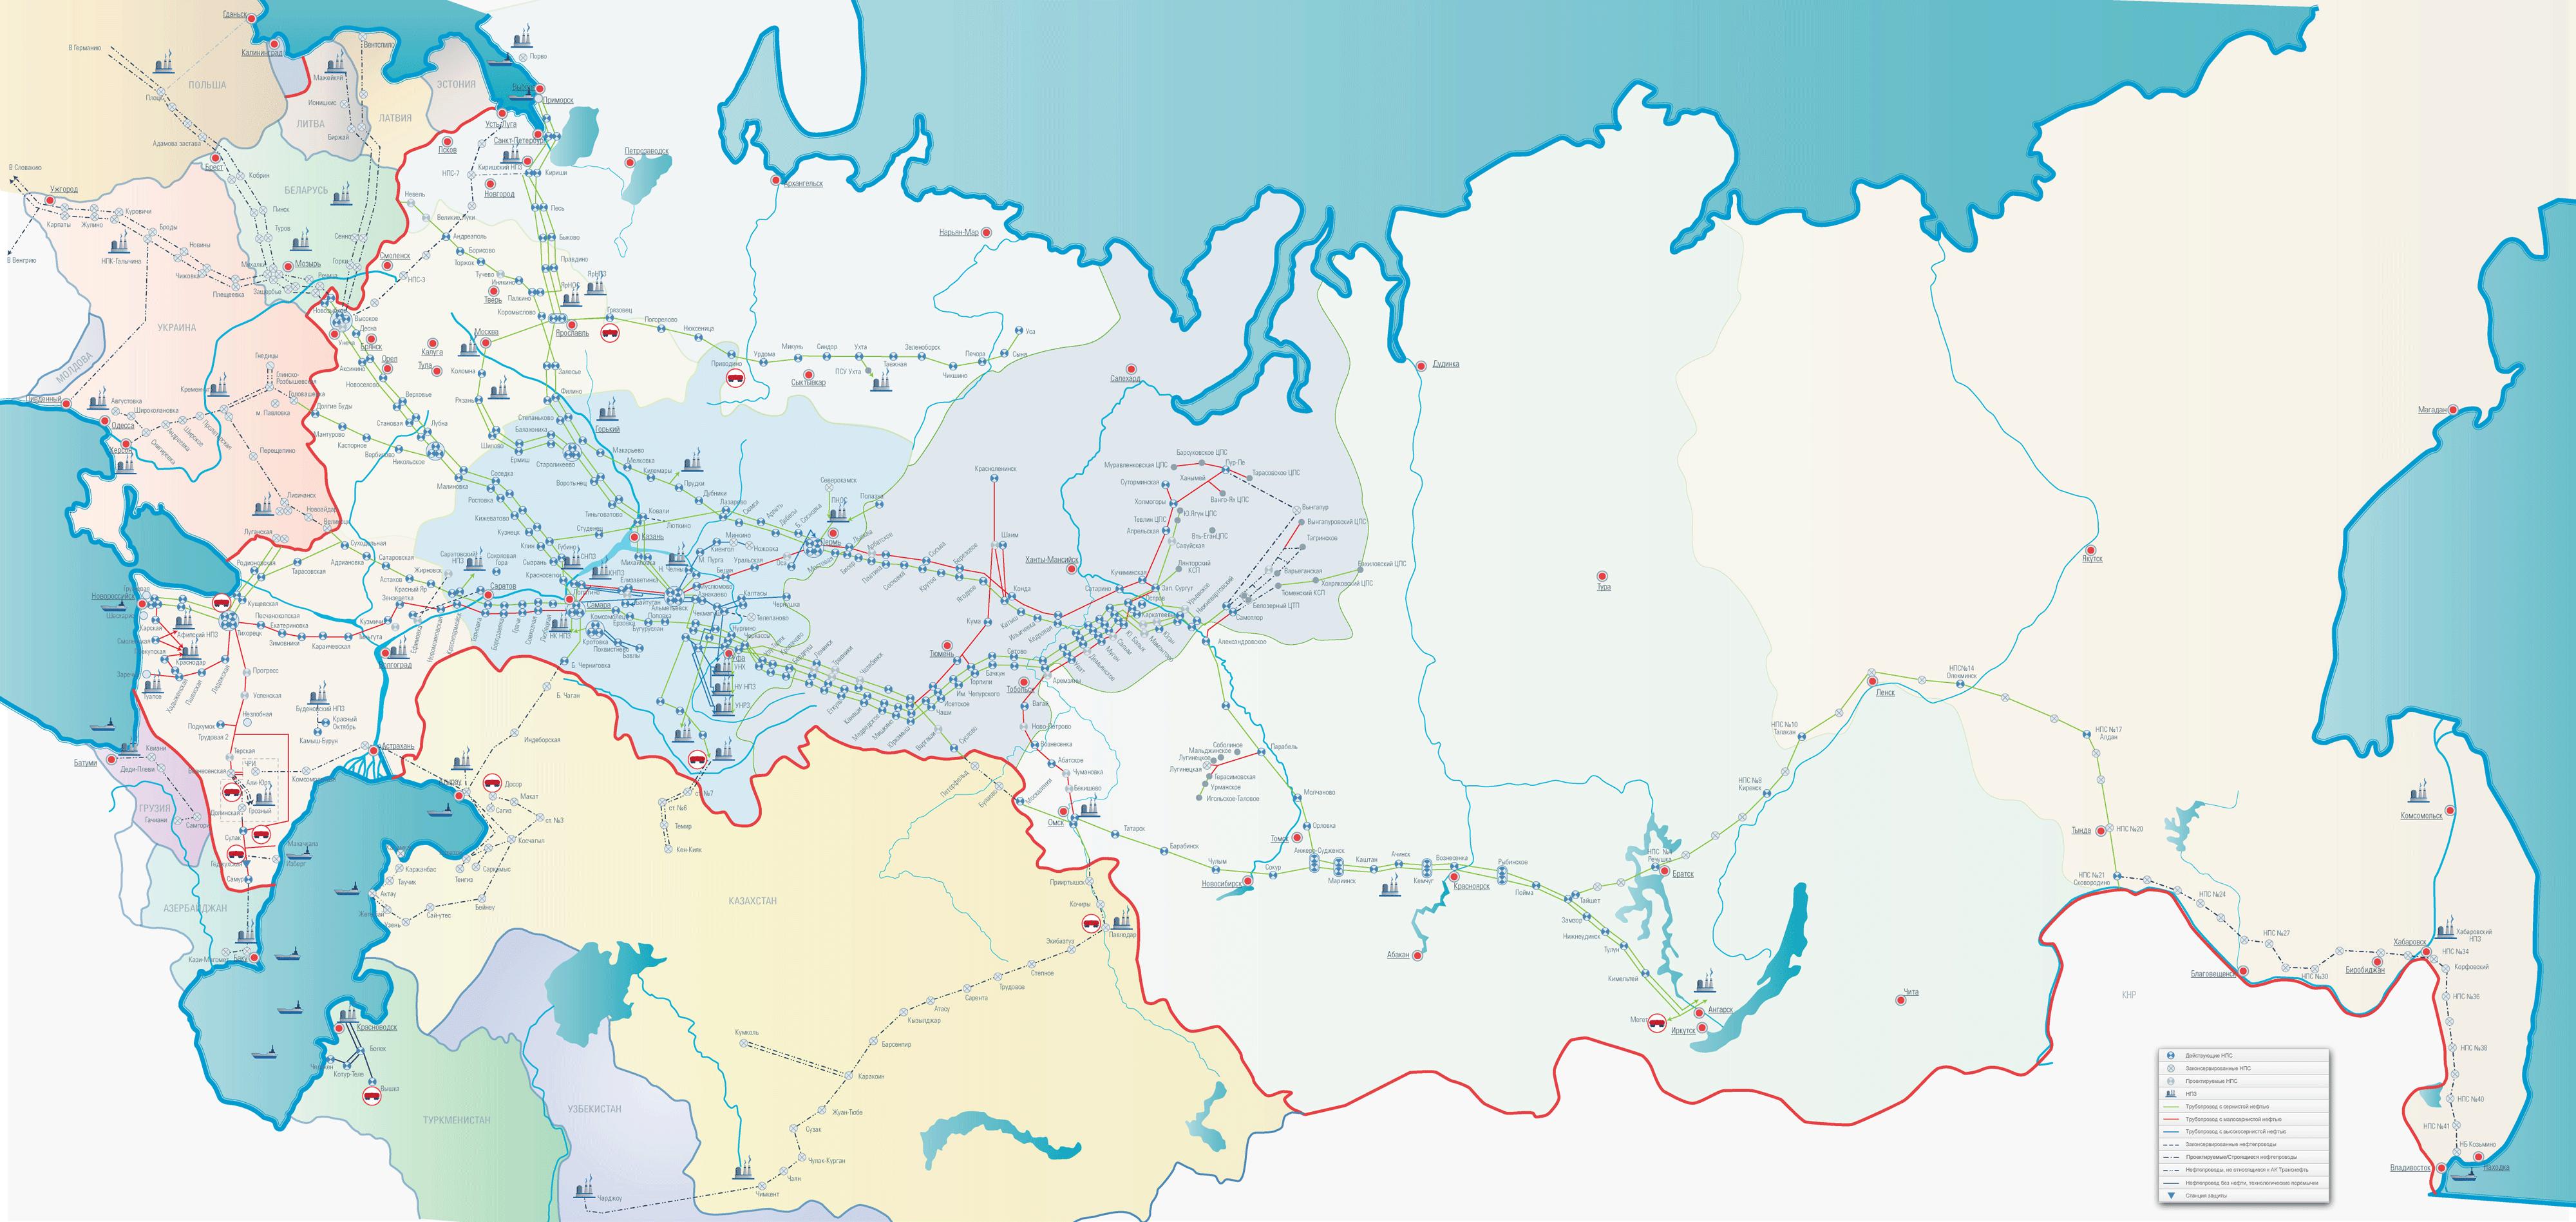 Oléoducs, stations de pompage et raffineries de Russie